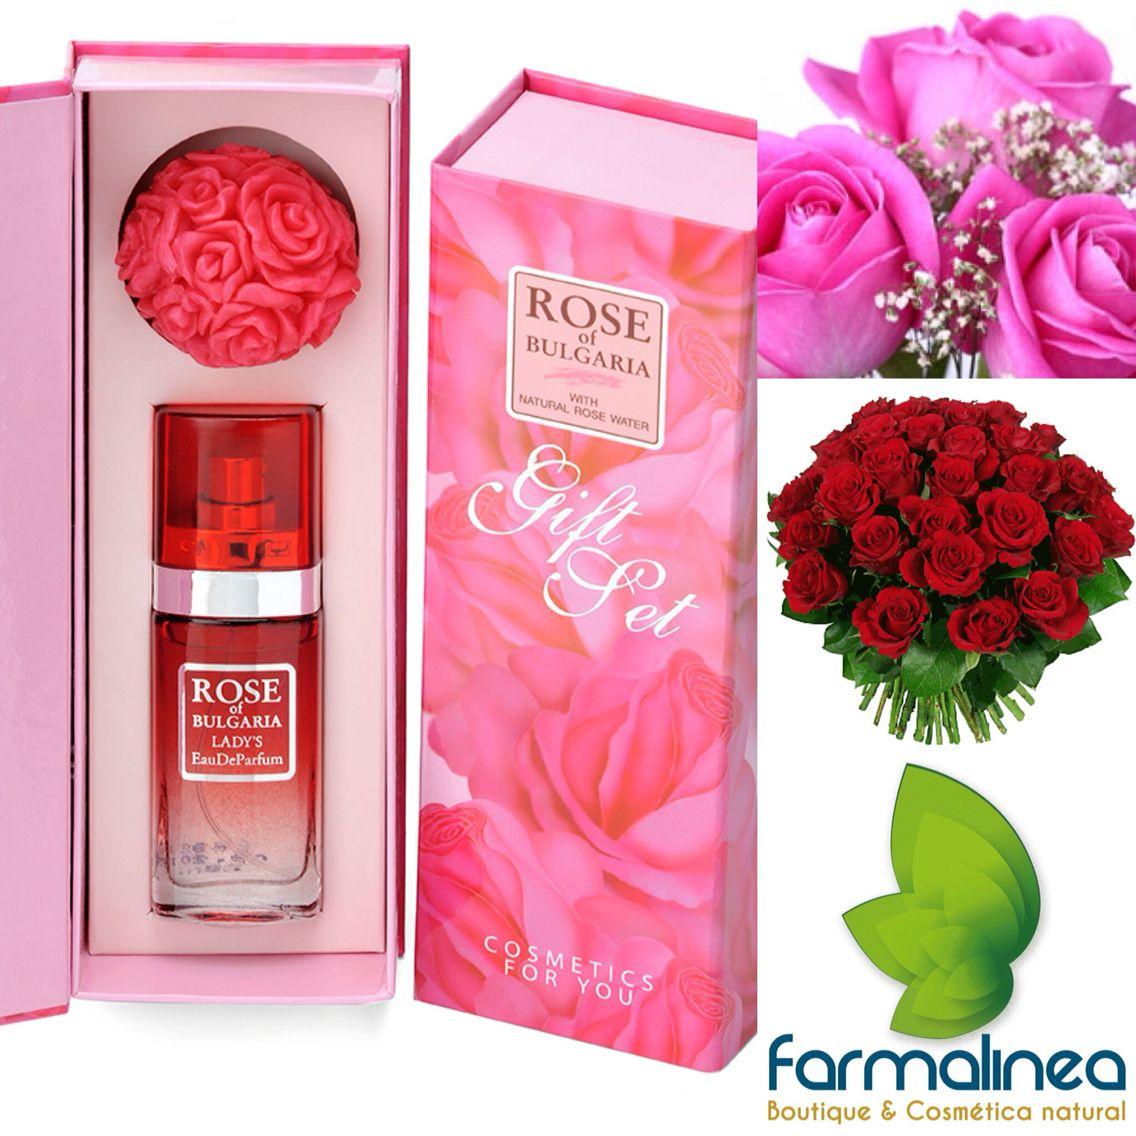 Díselo con rosas de venta en: http://bit.ly/1Jpd0lM